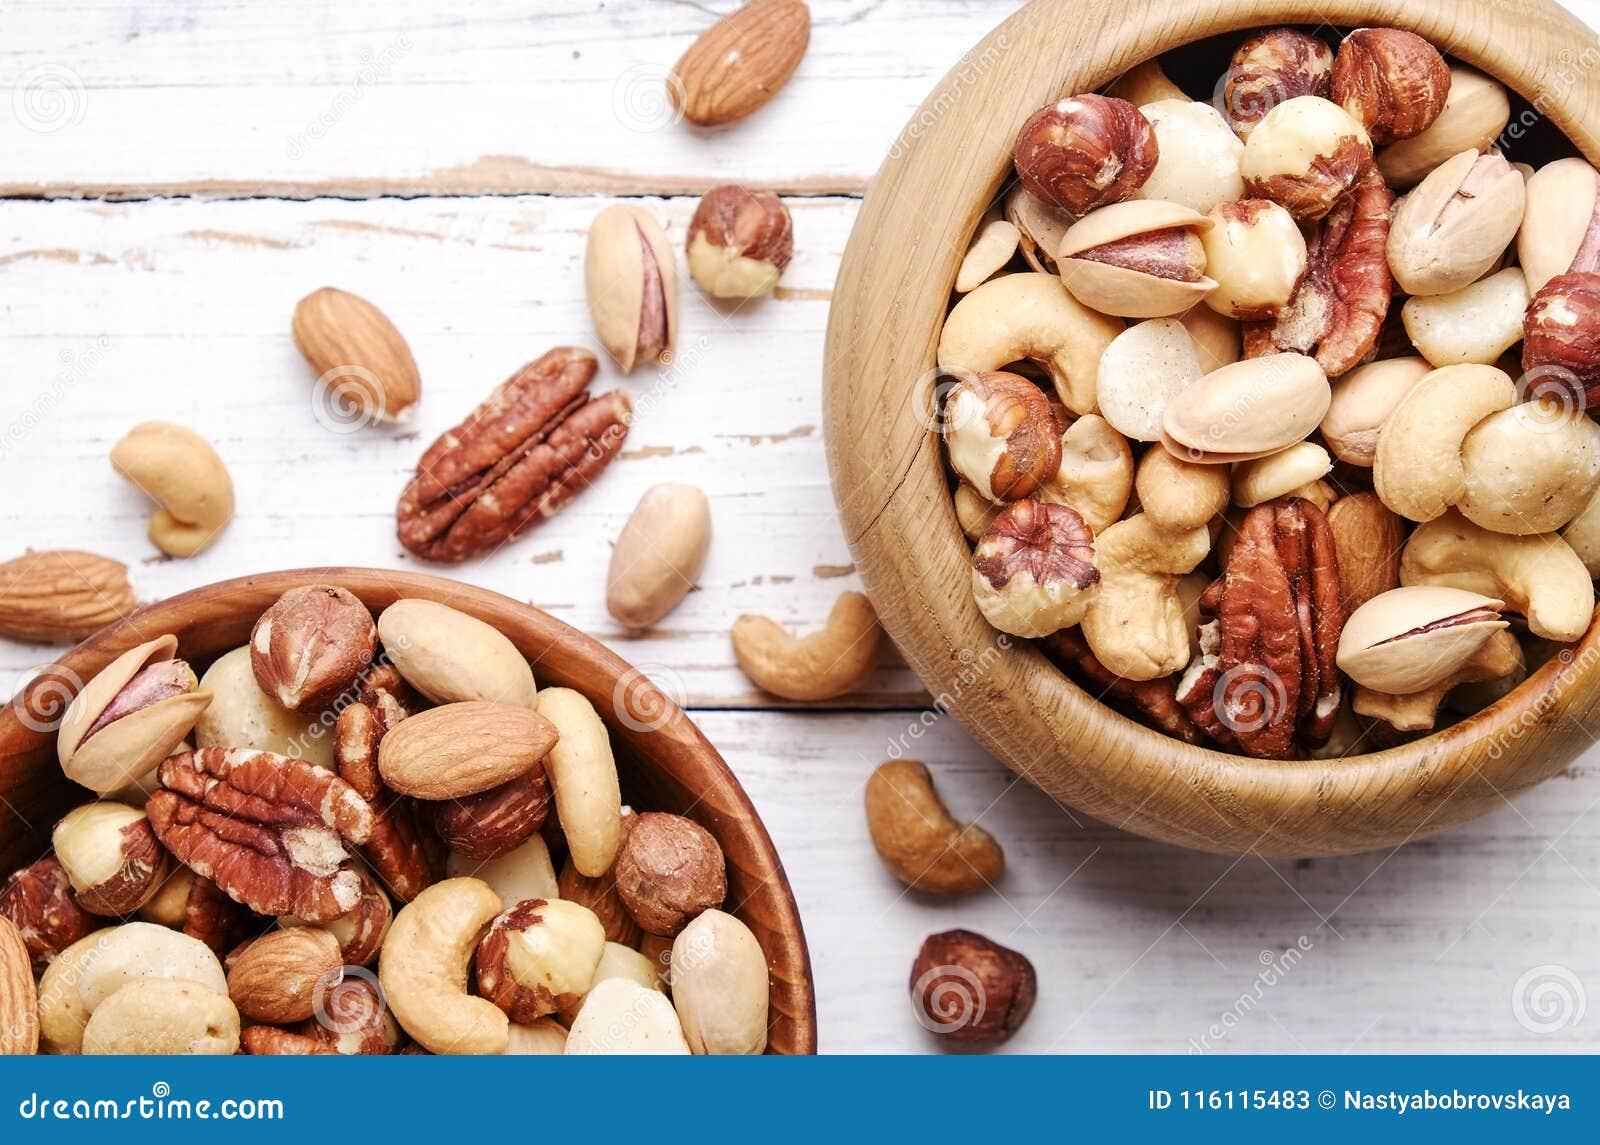 Отстаньте смешивание с различными видами гаек в коричневом деревянном шаре на поцарапанной белой предпосылке деревянного стола, м